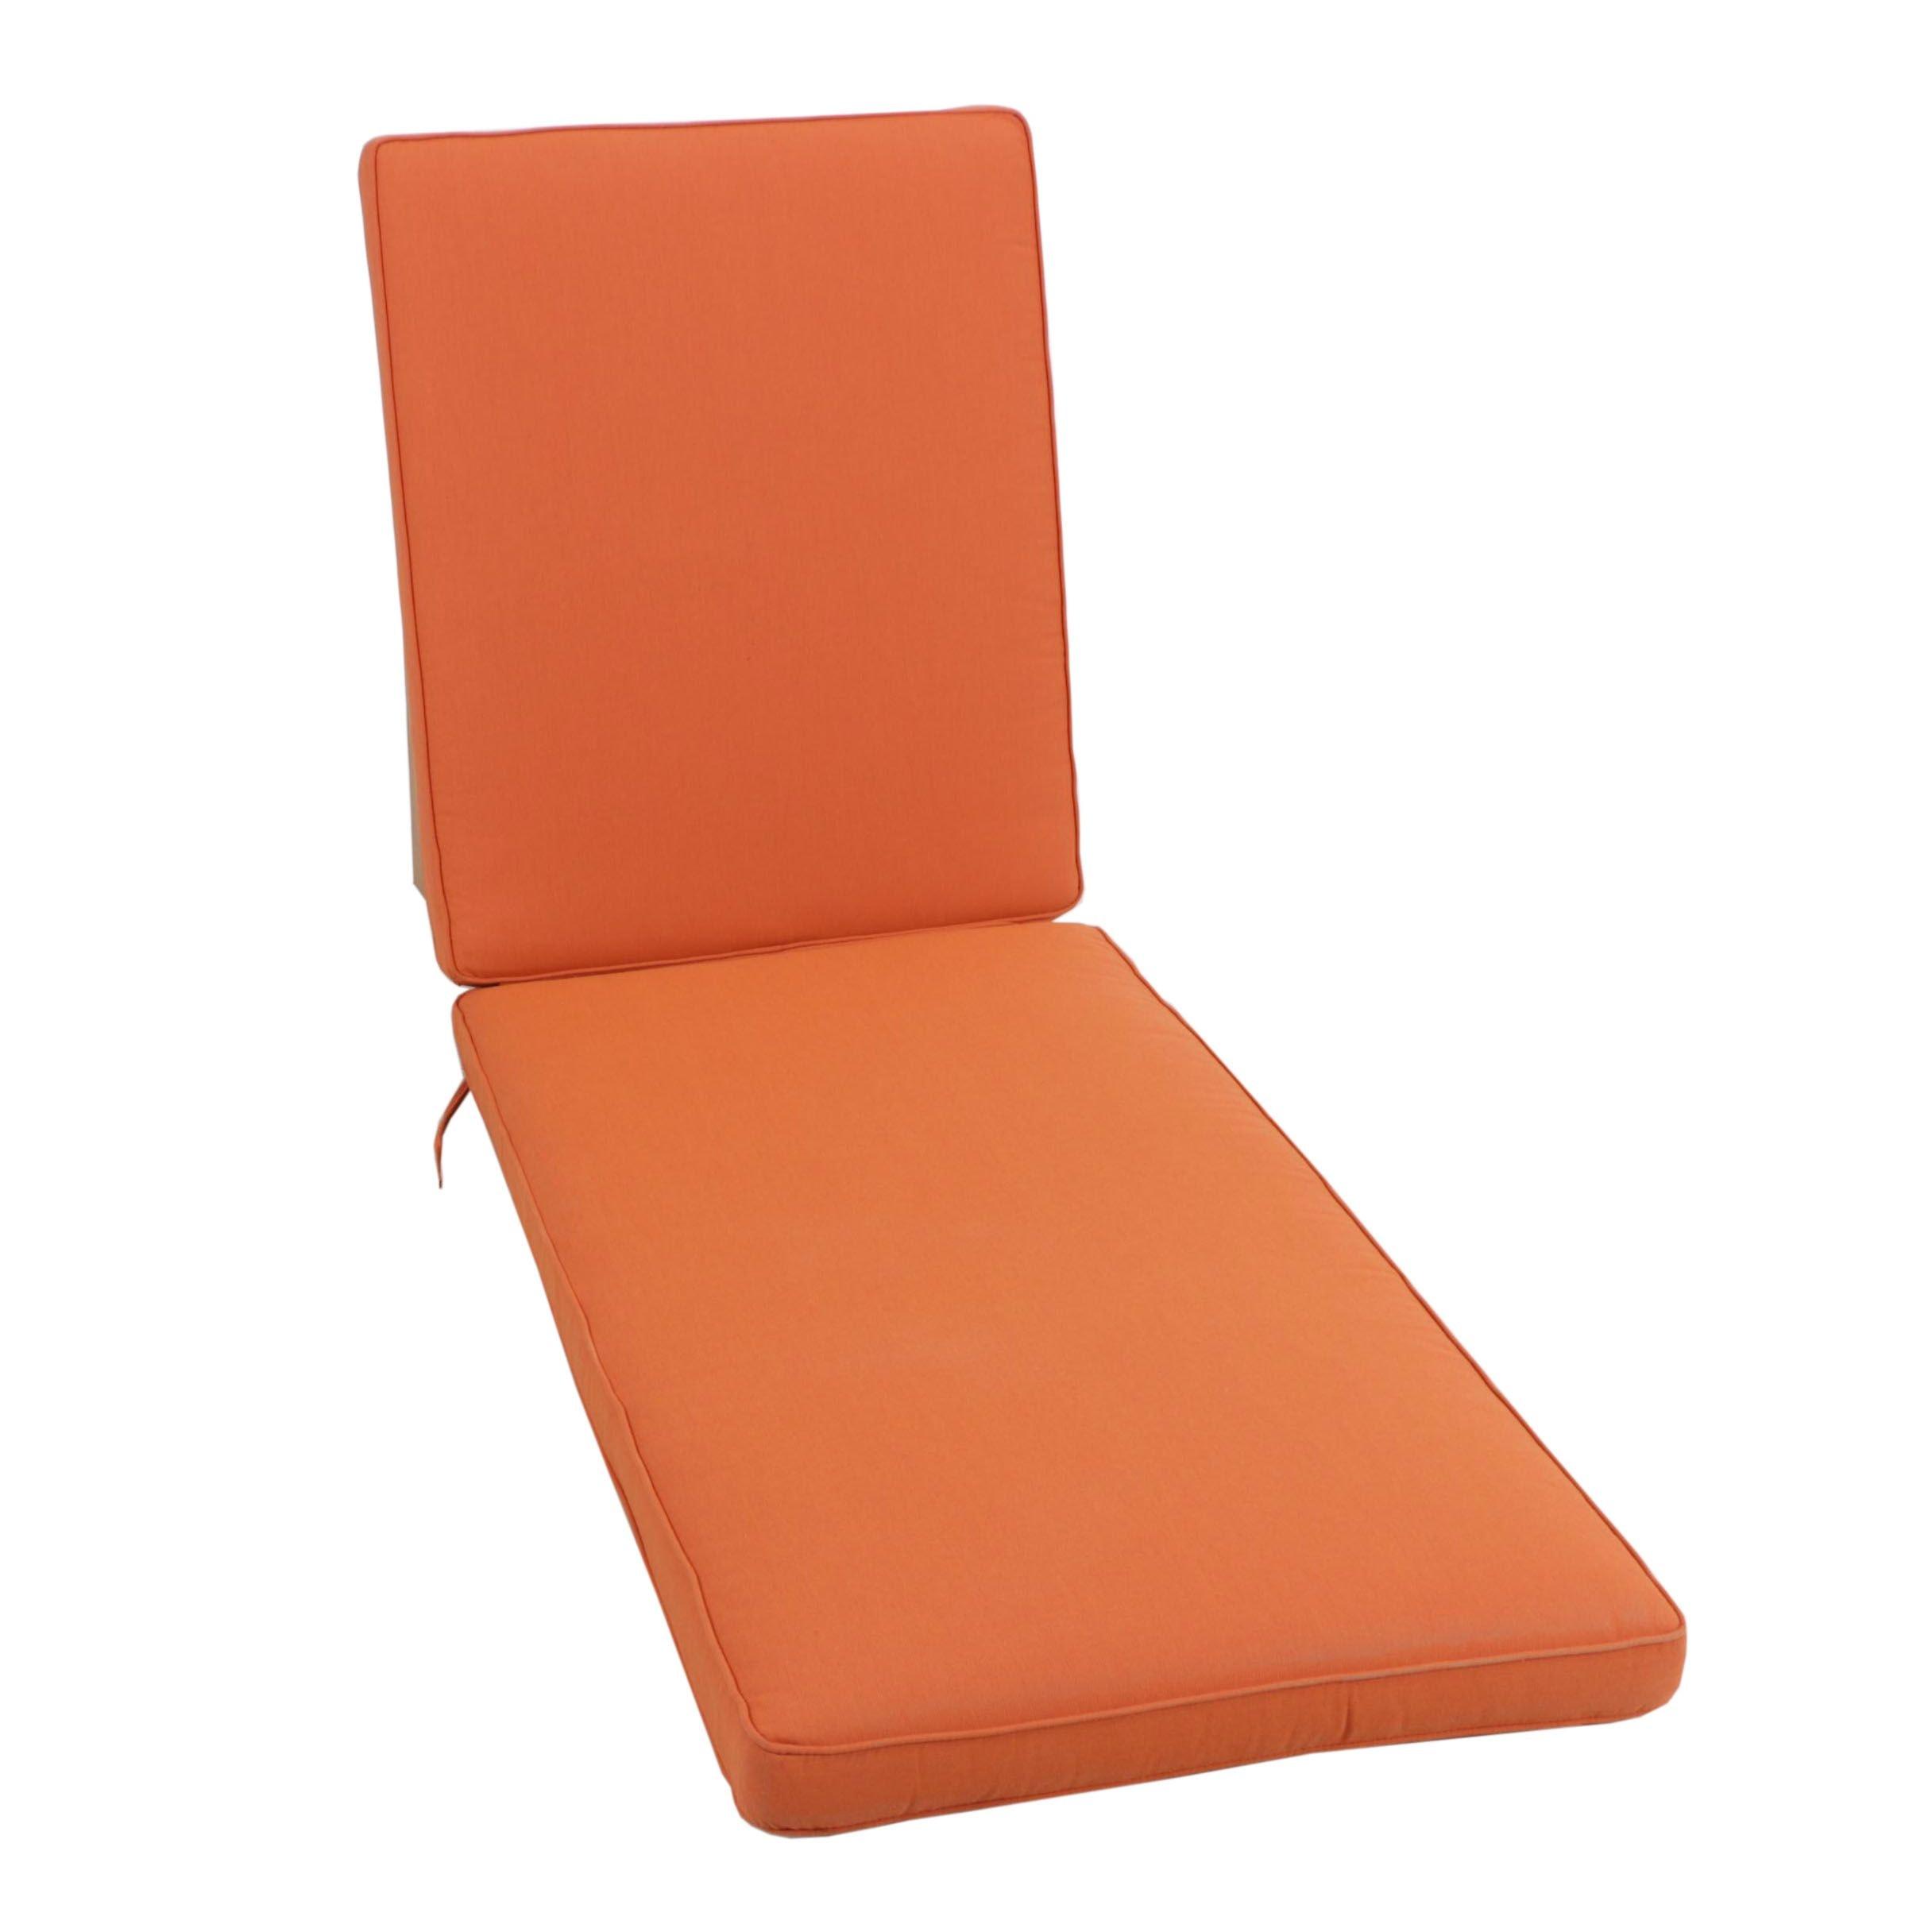 Eddie Bauer Sunbrella Indoor/Outdoor Chaise Lounge Cushion